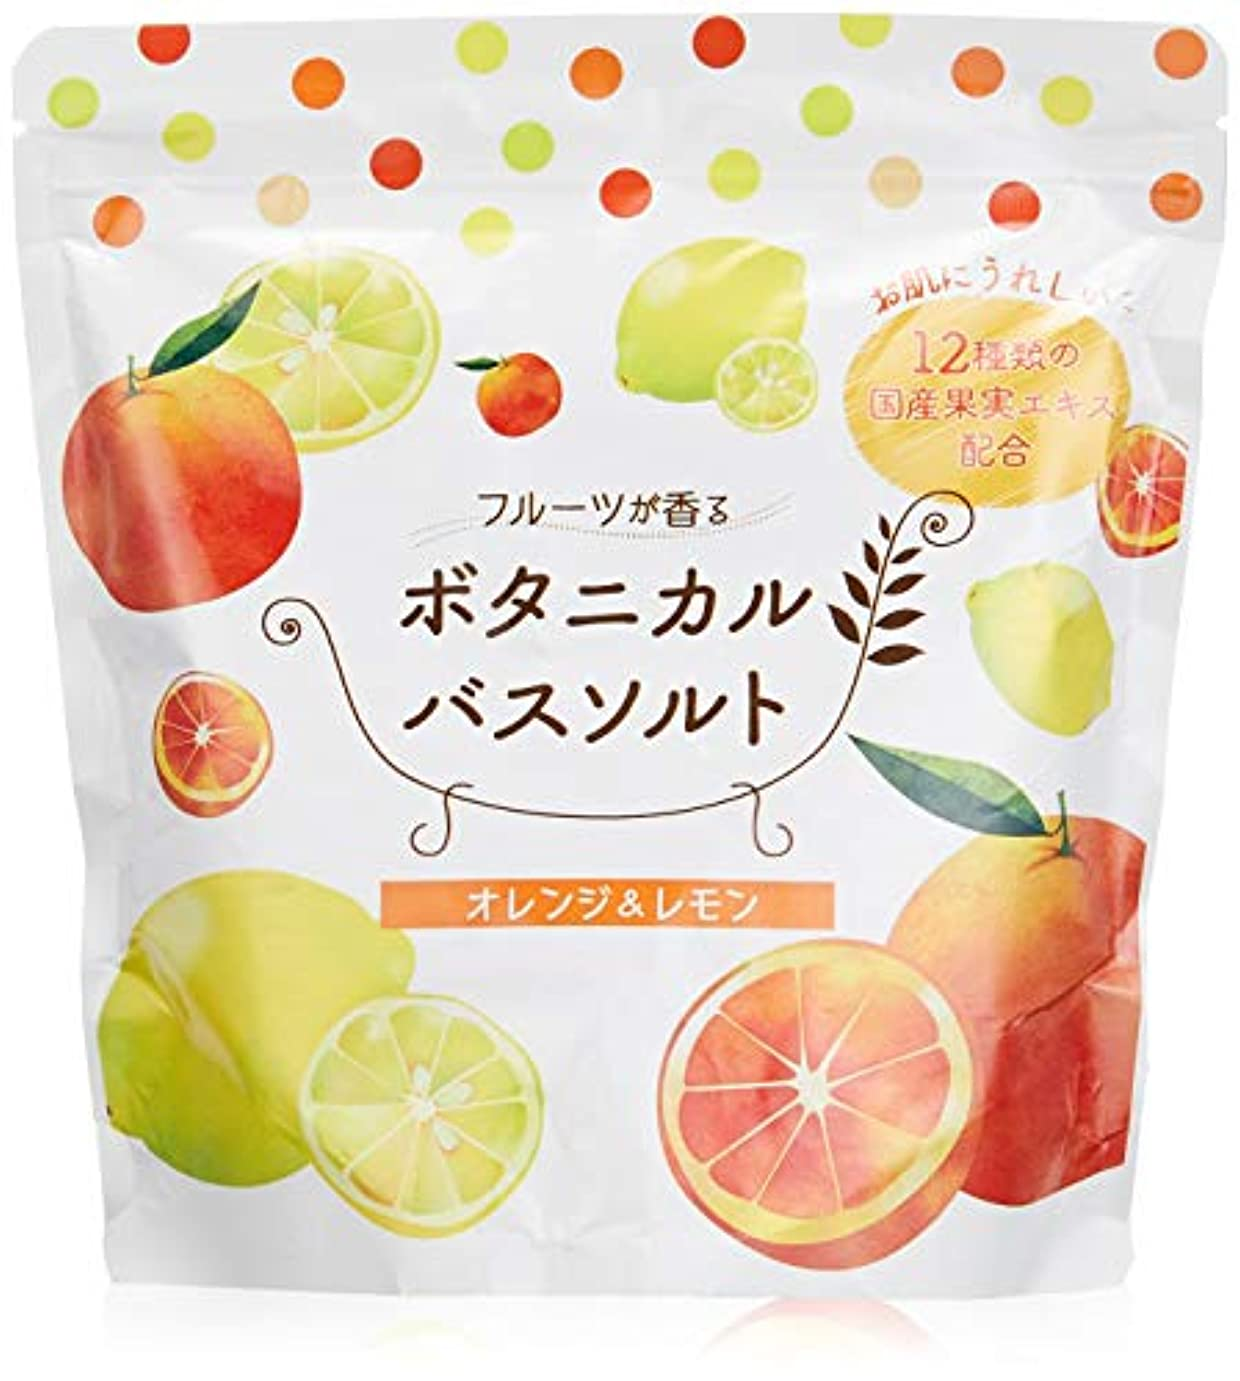 気候の山イサカドラム松田医薬品 フルーツが香るボタニカルバスソルト 入浴剤 オレンジ レモン 450g